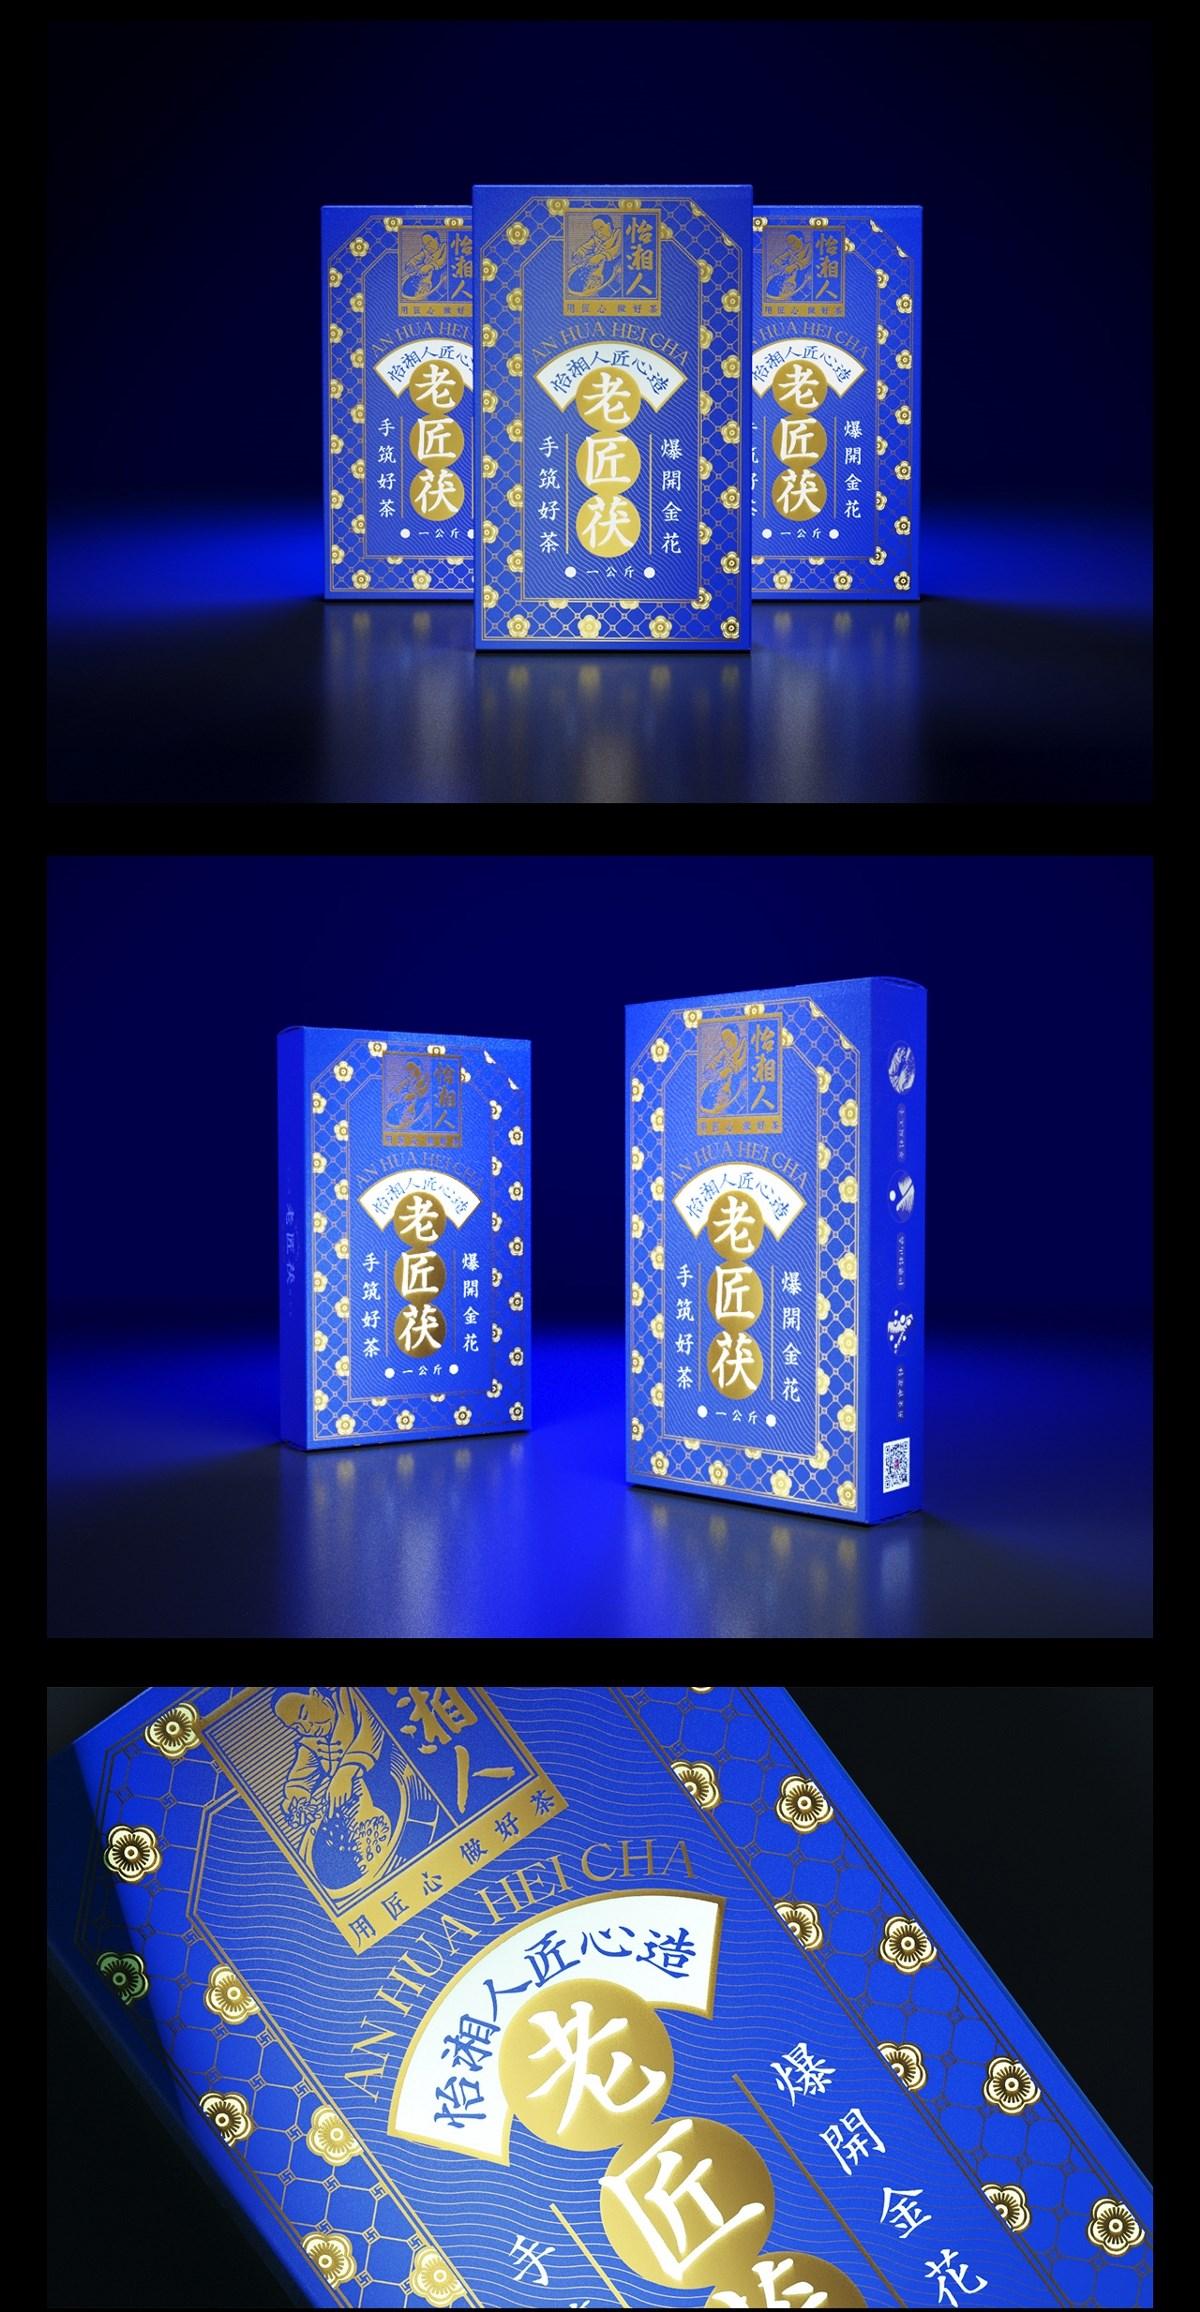 怡湘人|湖南安化黑茶茯砖茶复古中式包装设计| www.rufydesign.com